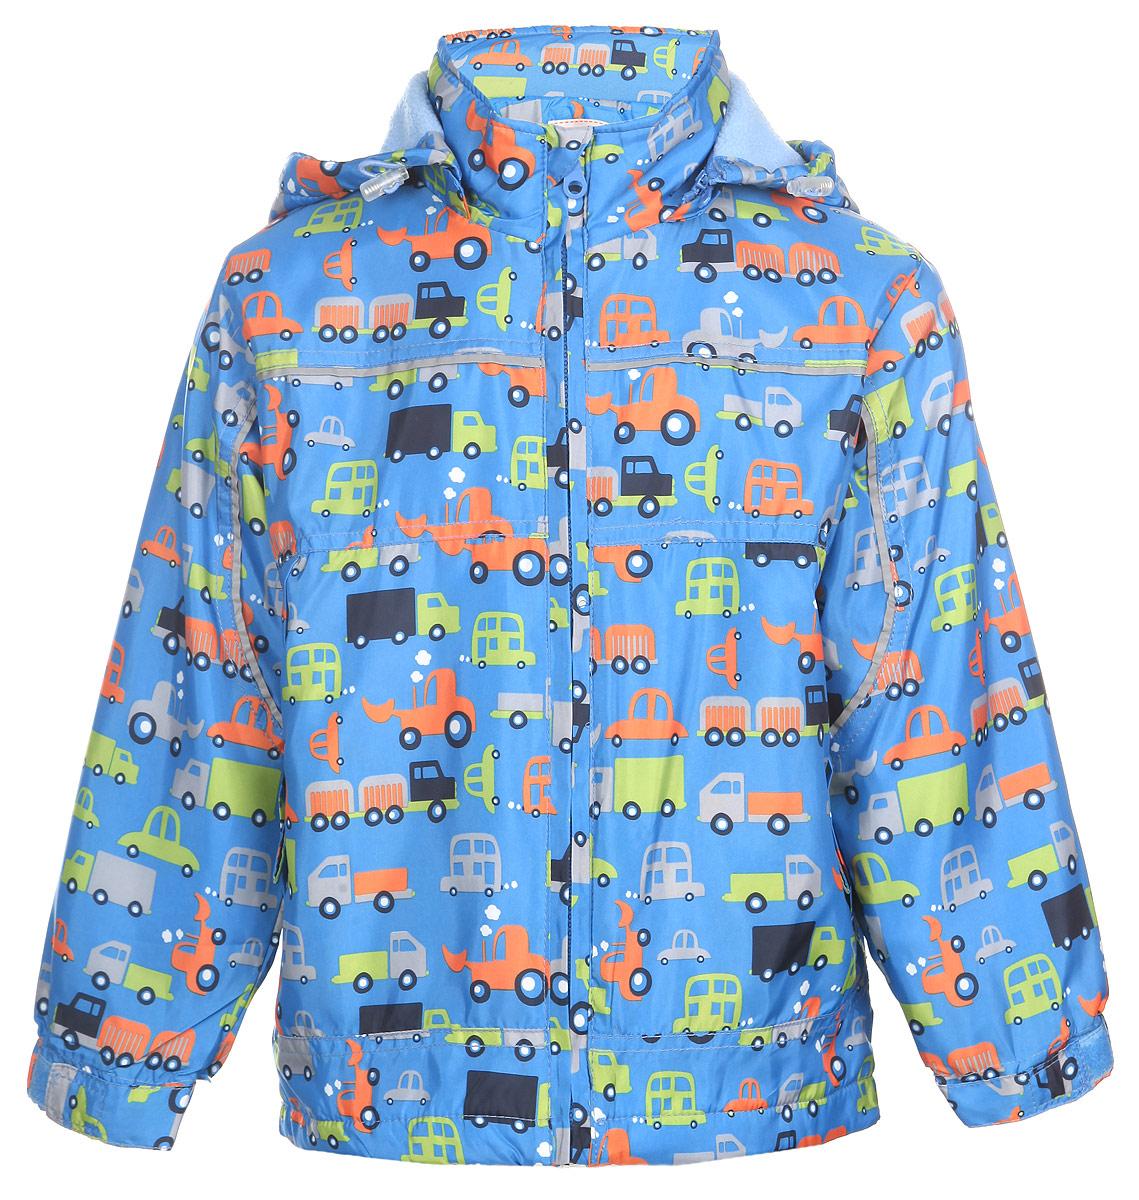 Куртка для мальчика. 111525R111525R-13Яркая куртка для мальчика M&D идеально подойдет для ребенка в прохладное время года. Она выполнена из полиэстера и дополнена мягкой и теплой флисовой подкладкой. Куртка с воротником-стойкой застегивается на удобную застежку-молнию. Съемный капюшон фиксируется при помощи молнии, его объем регулируется при помощи эластичного шнурка со стопперами. Рукава оснащены широкими эластичными резинками, не стягивающими запястья, и хлястиками на липучках. Низ модели дополнен скрытым эластичным шнурком со стопперами. По бокам курточка дополнена двумя втачными кармашками на застежках-молниях. Изделие оформлено красочным принтом с изображением автомобилей и дополнена светоотражающими полосками. В такой куртке ваш маленький мужчина будет чувствовать себя комфортно, уютно и всегда будет в центре внимания!